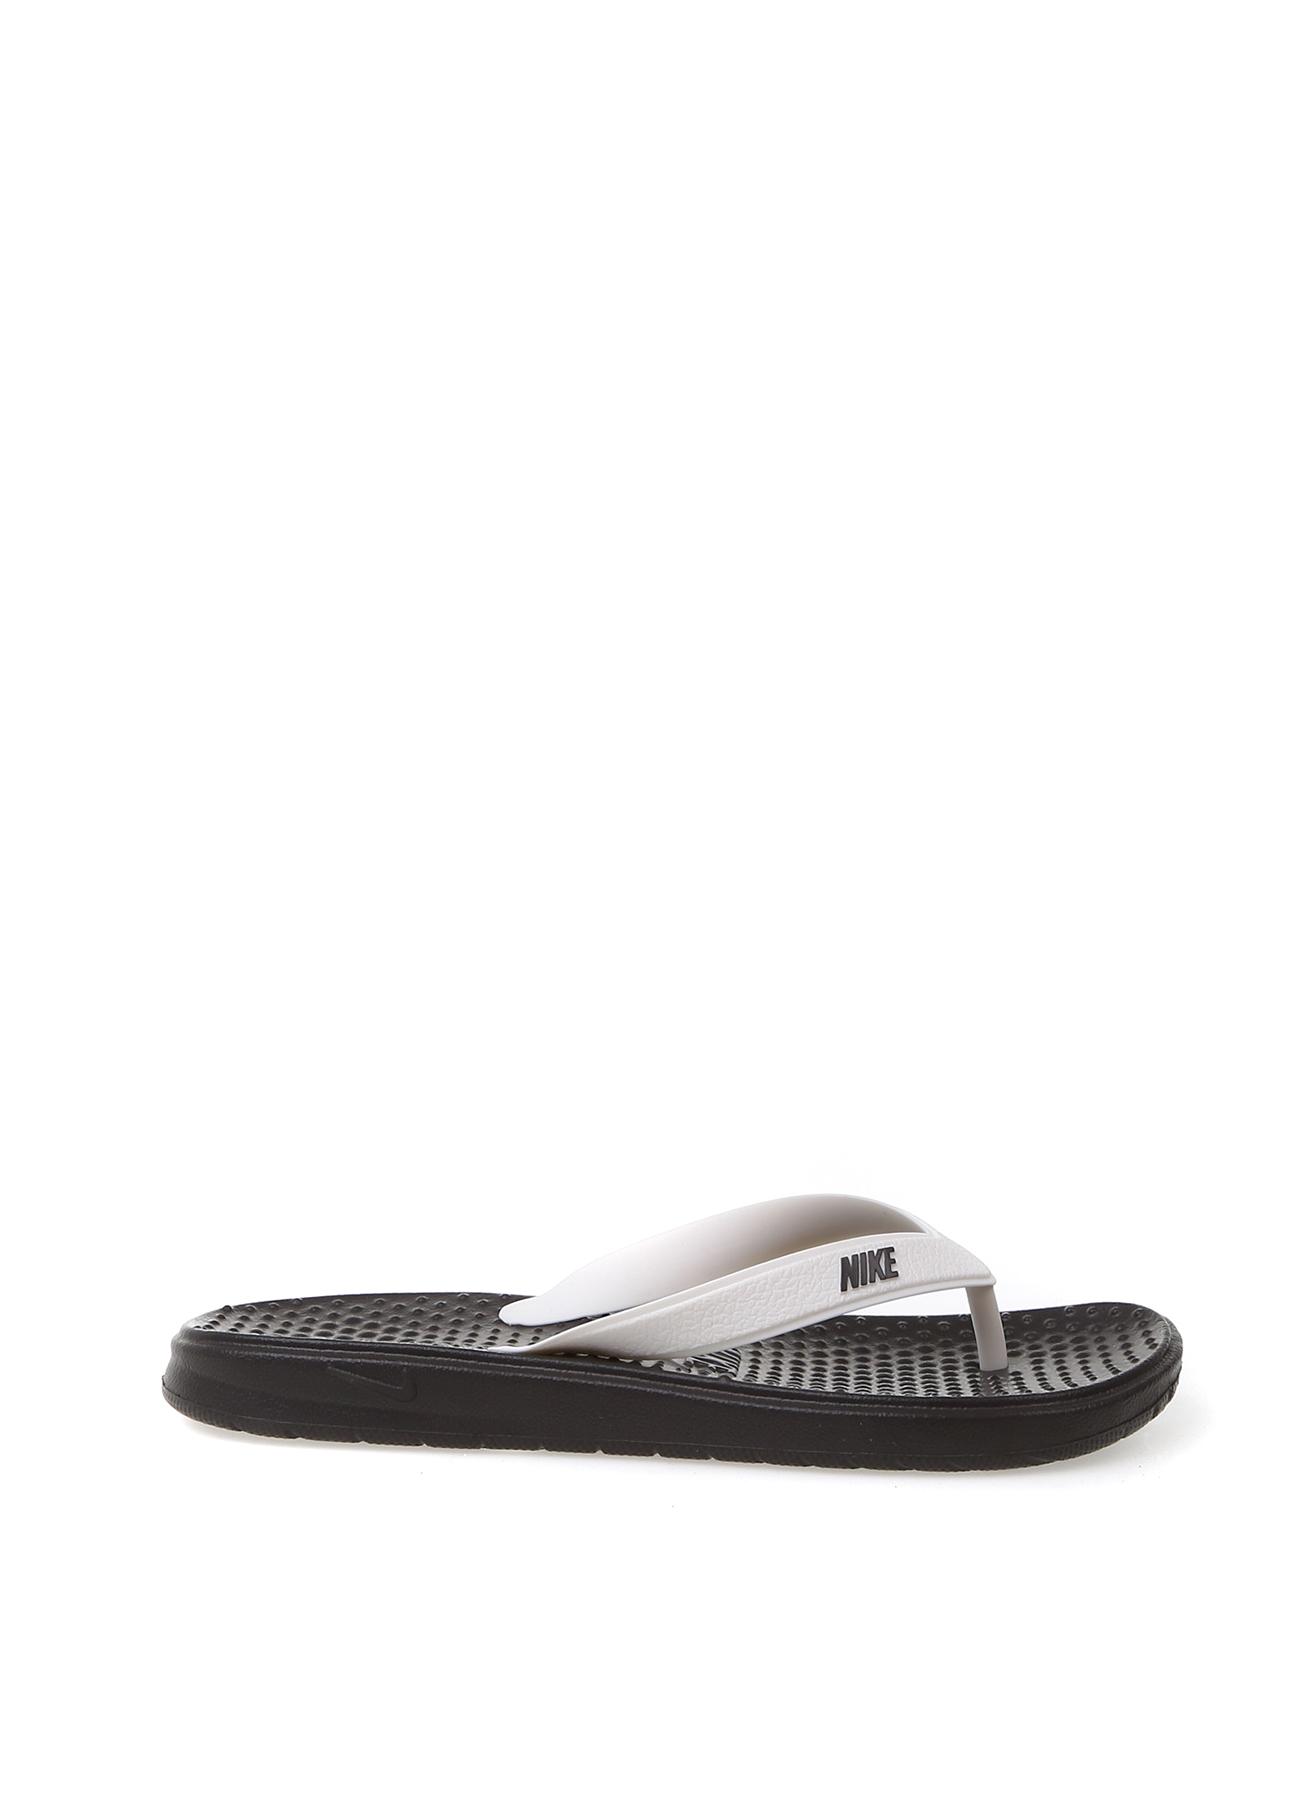 df823ad5e64c0 36.5 Gri - Beyaz Nike Terlik 5002410716003 Ayakkabı & Çanta Kadın Sandalet